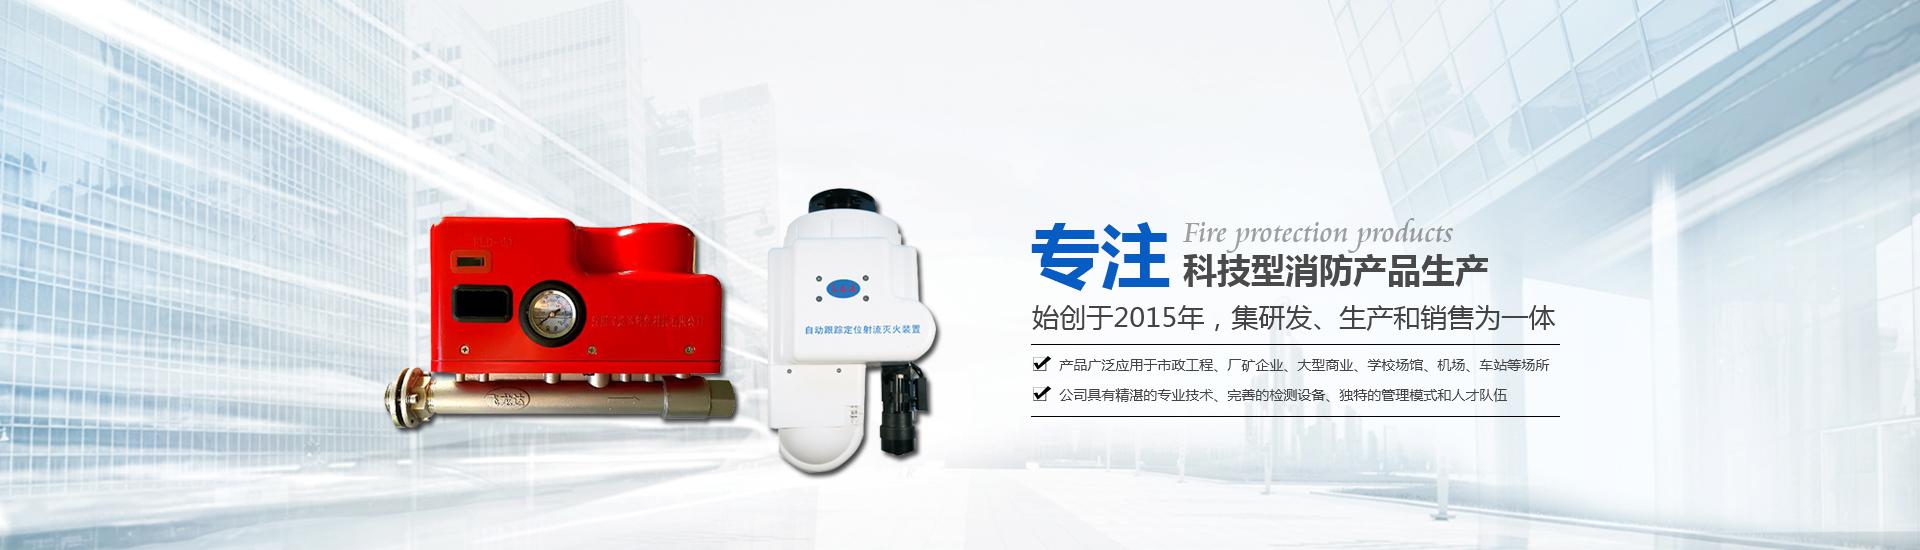 http://www.syfld.cn/data/upload/202009/20200923165939_680.jpg